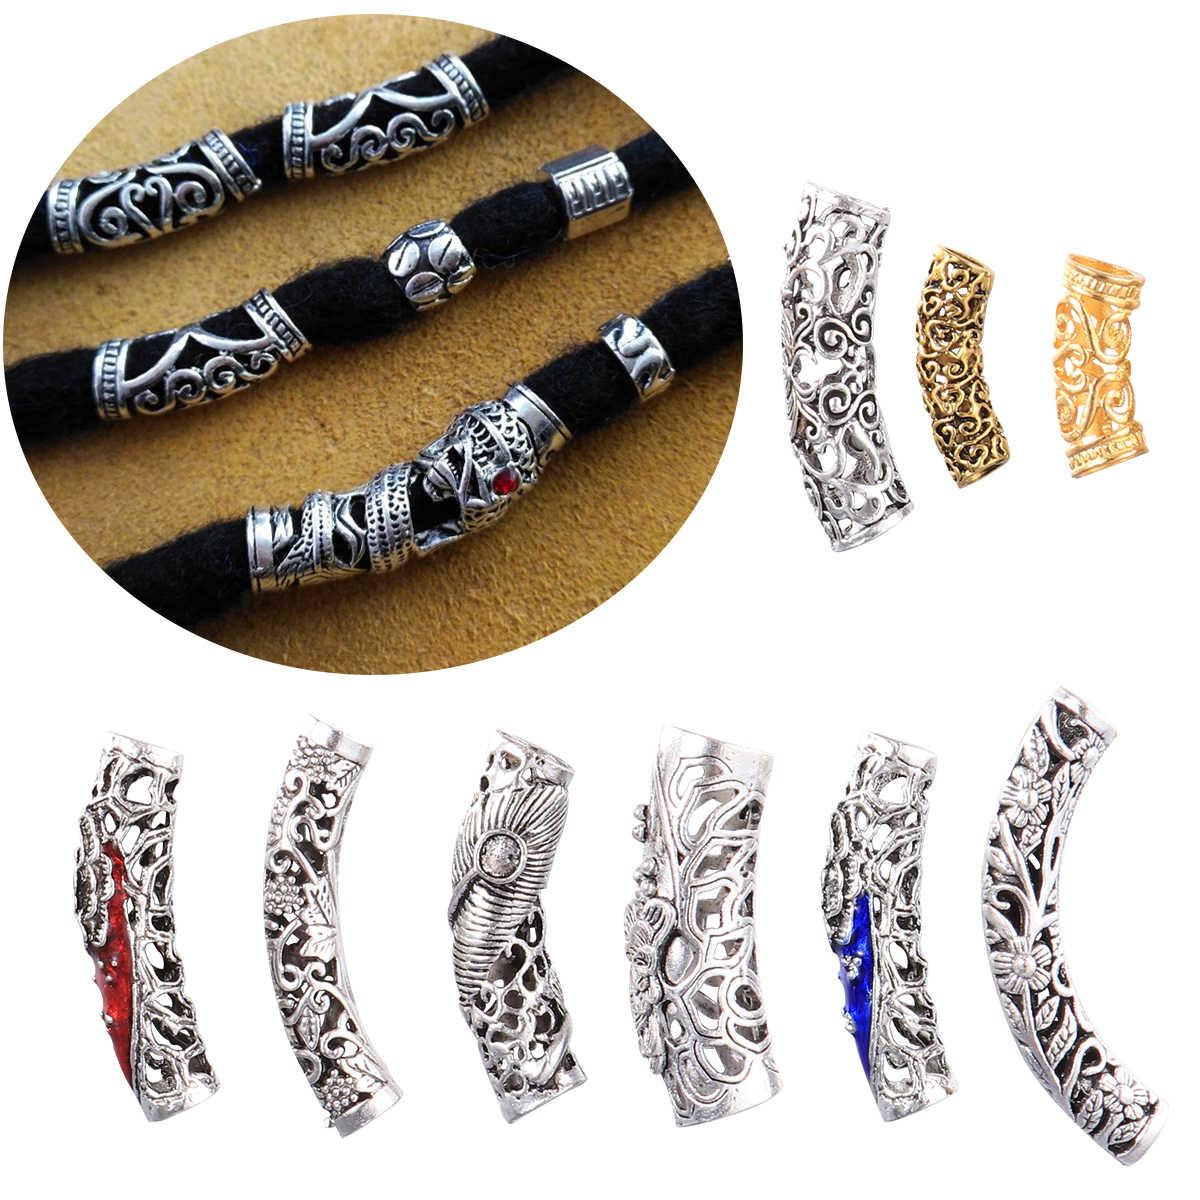 18pcs Hair Cuffs Dreadlocks Plated Metal Decorative Tube Braiding Beads Hair Braid Rings Dread Locks Ring For Men Women Aliexpress